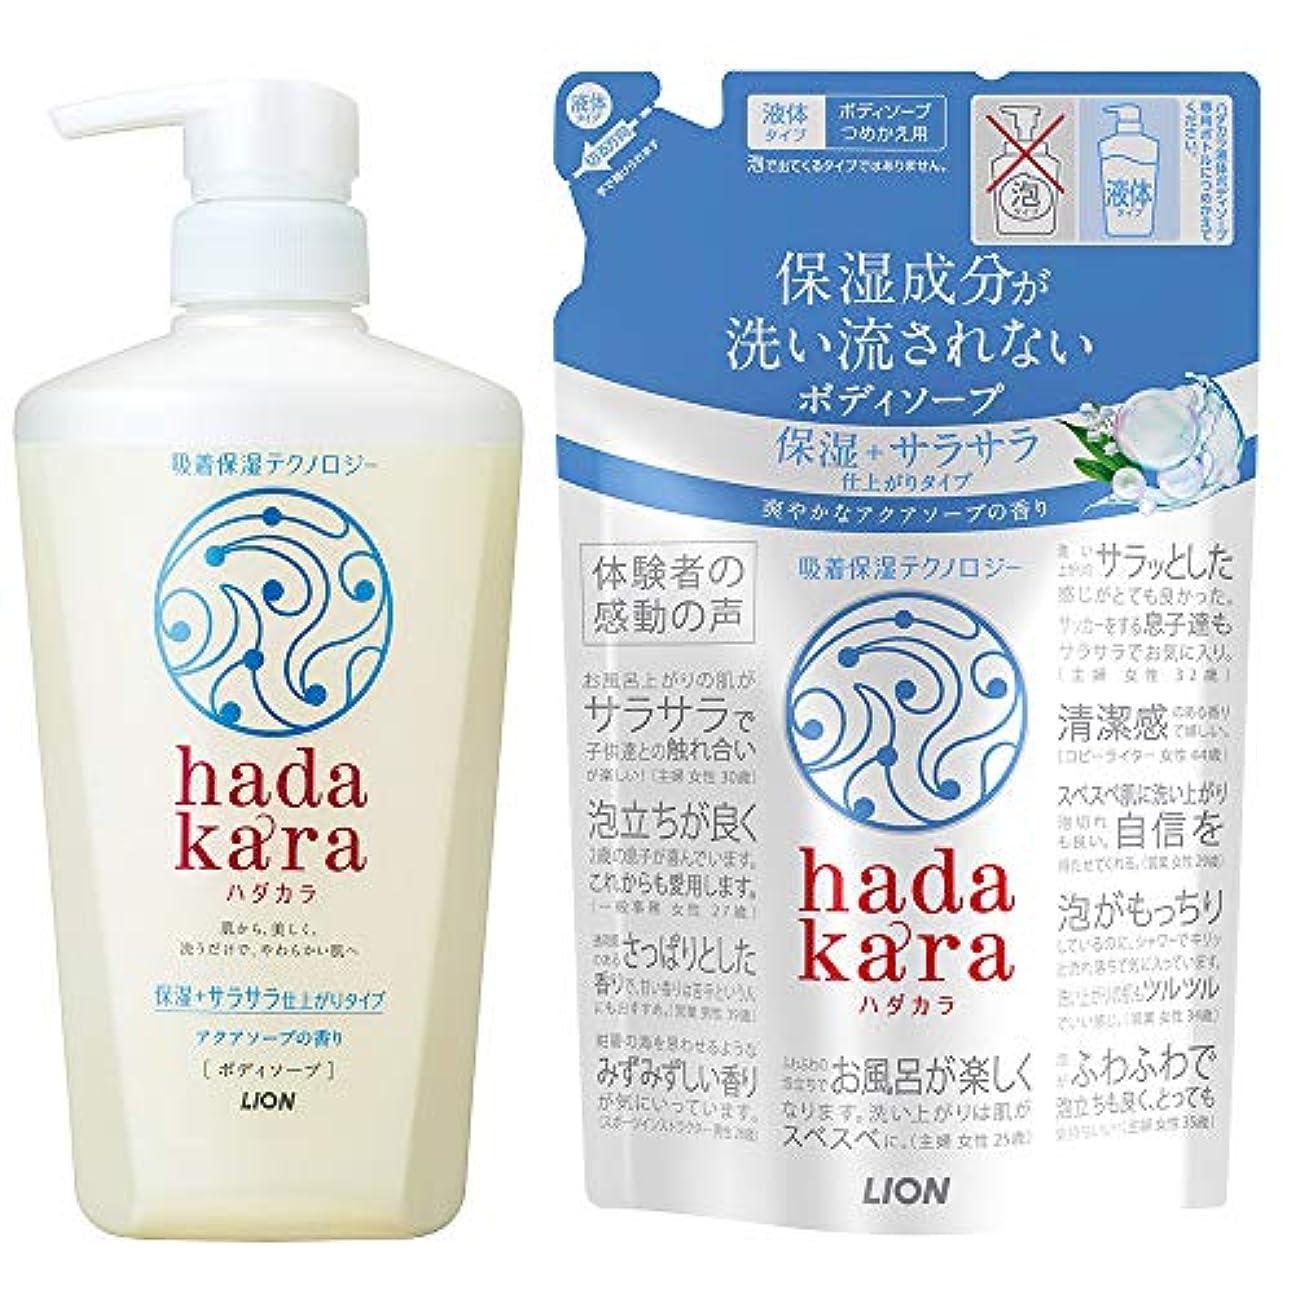 オリエンタル不平を言う情報hadakara(ハダカラ) ボディソープ 保湿+サラサラ仕上がりタイプ アクアソープの香り (本体480ml+つめかえ340ml) アクアソープ(保湿+サラサラ仕上がり) +